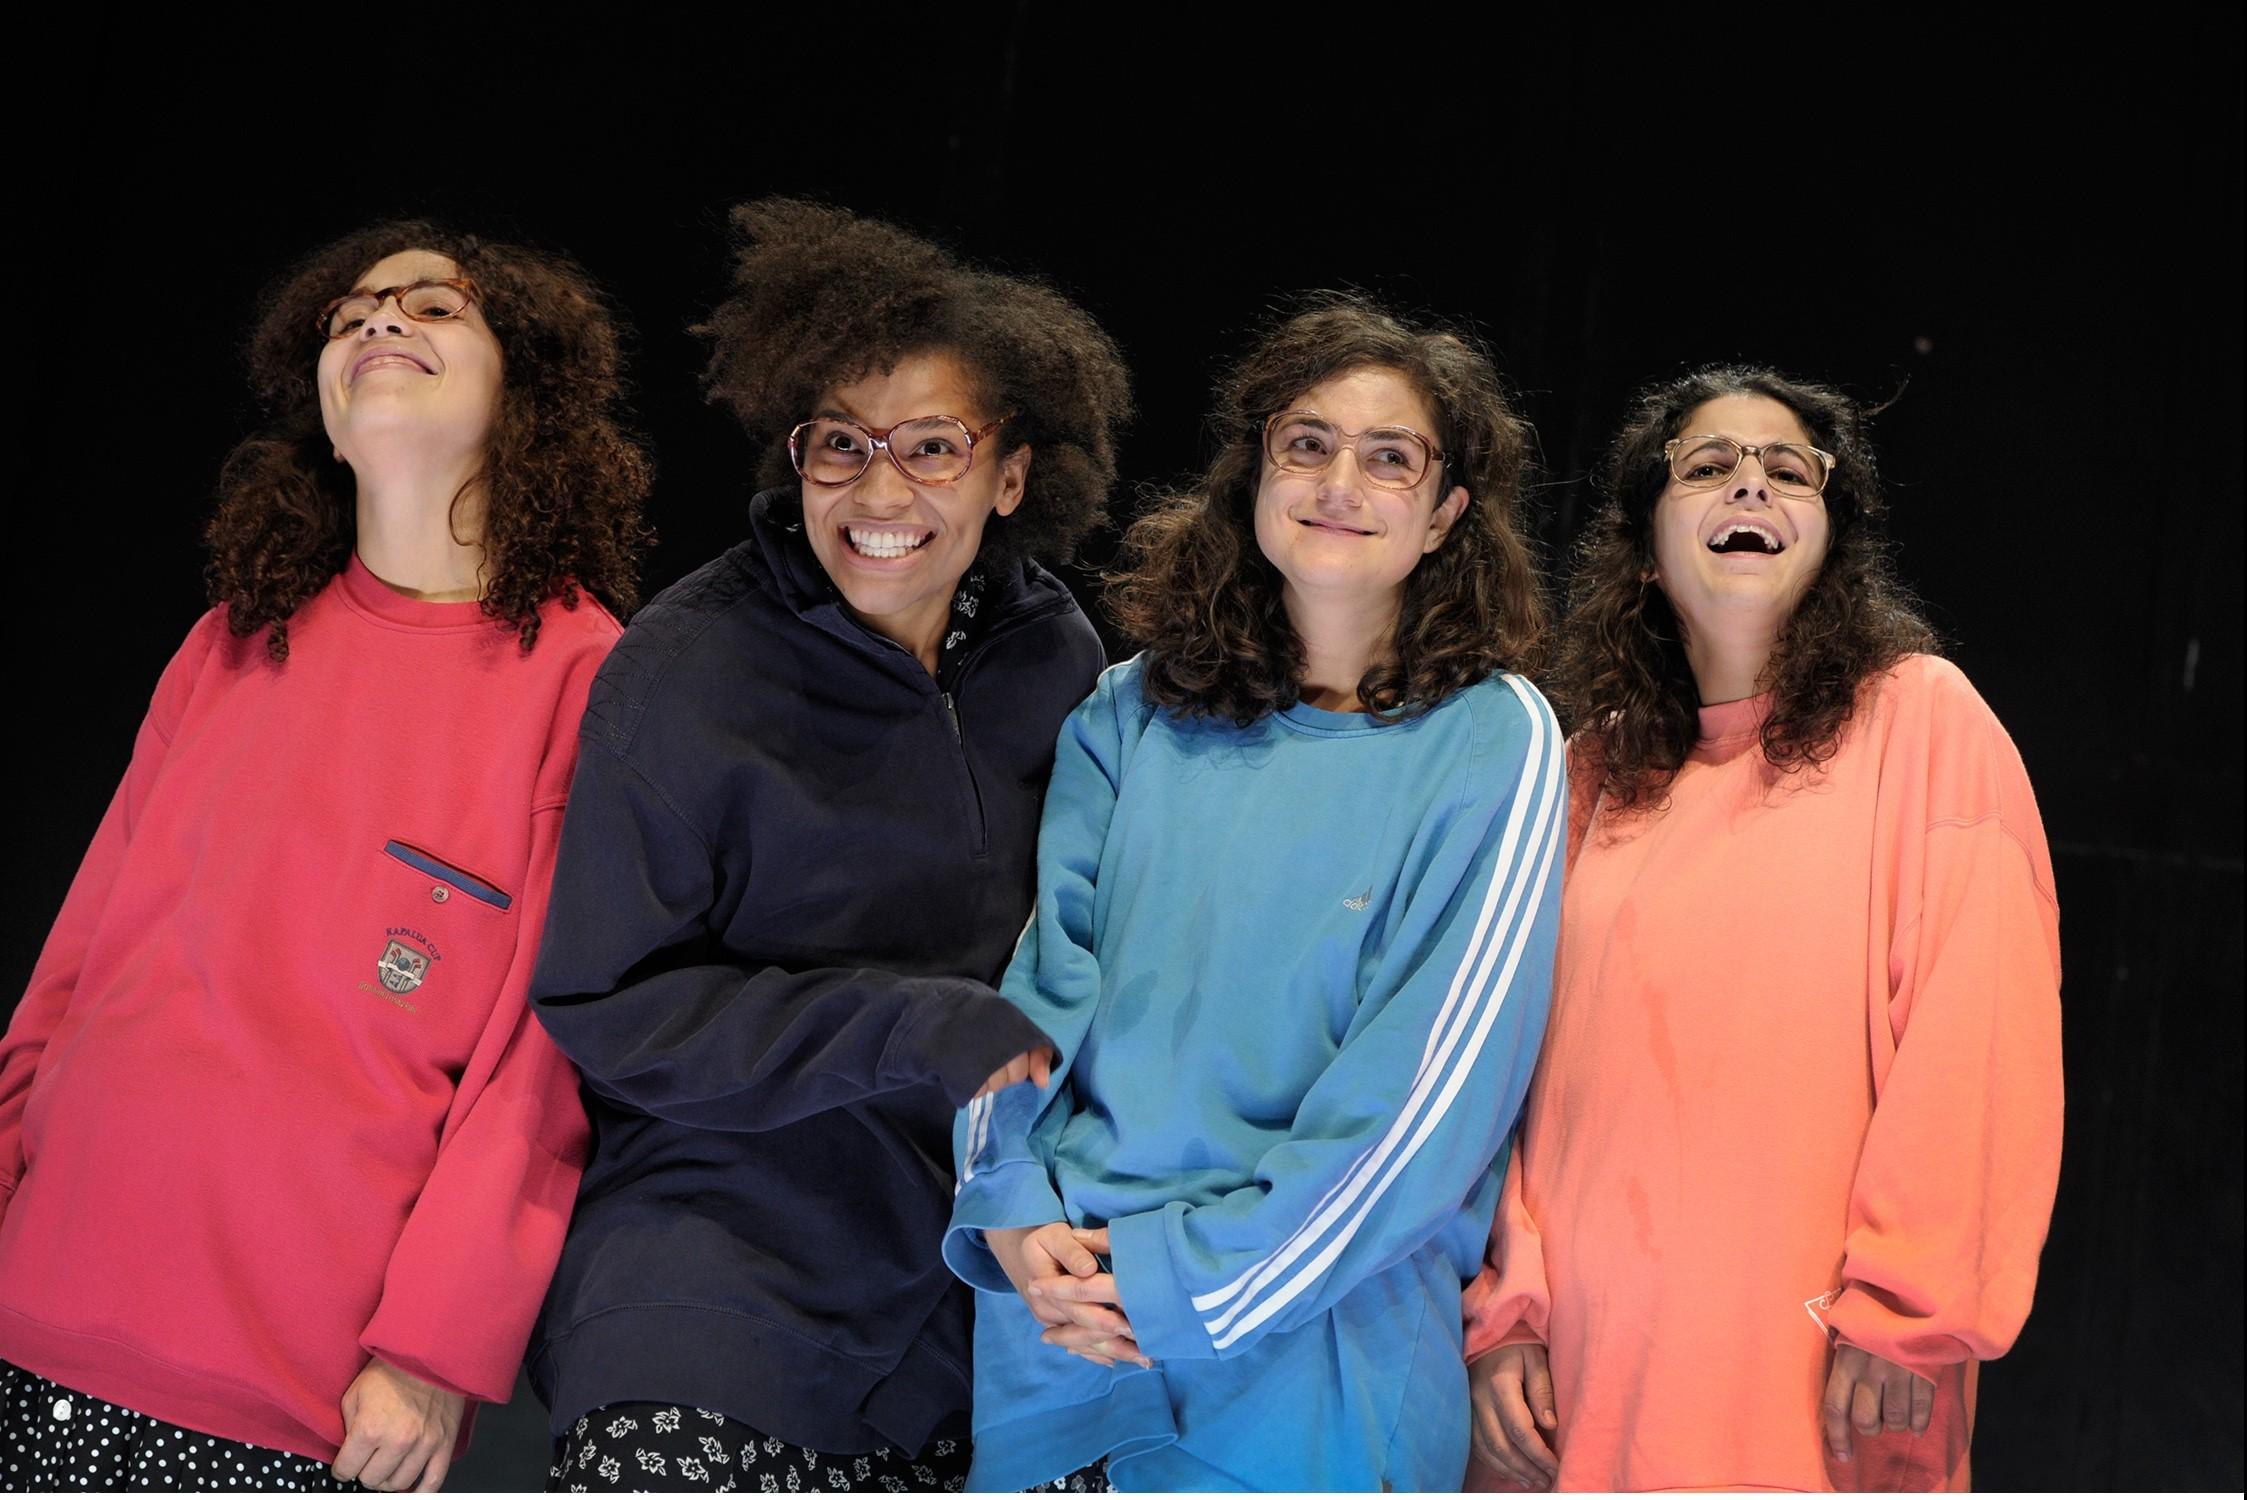 Diese Frauenpowergang ist eine Wucht: Jankowski, Micas, Gürler, Abdel-Maksoud – Foto: Thomas Aurin